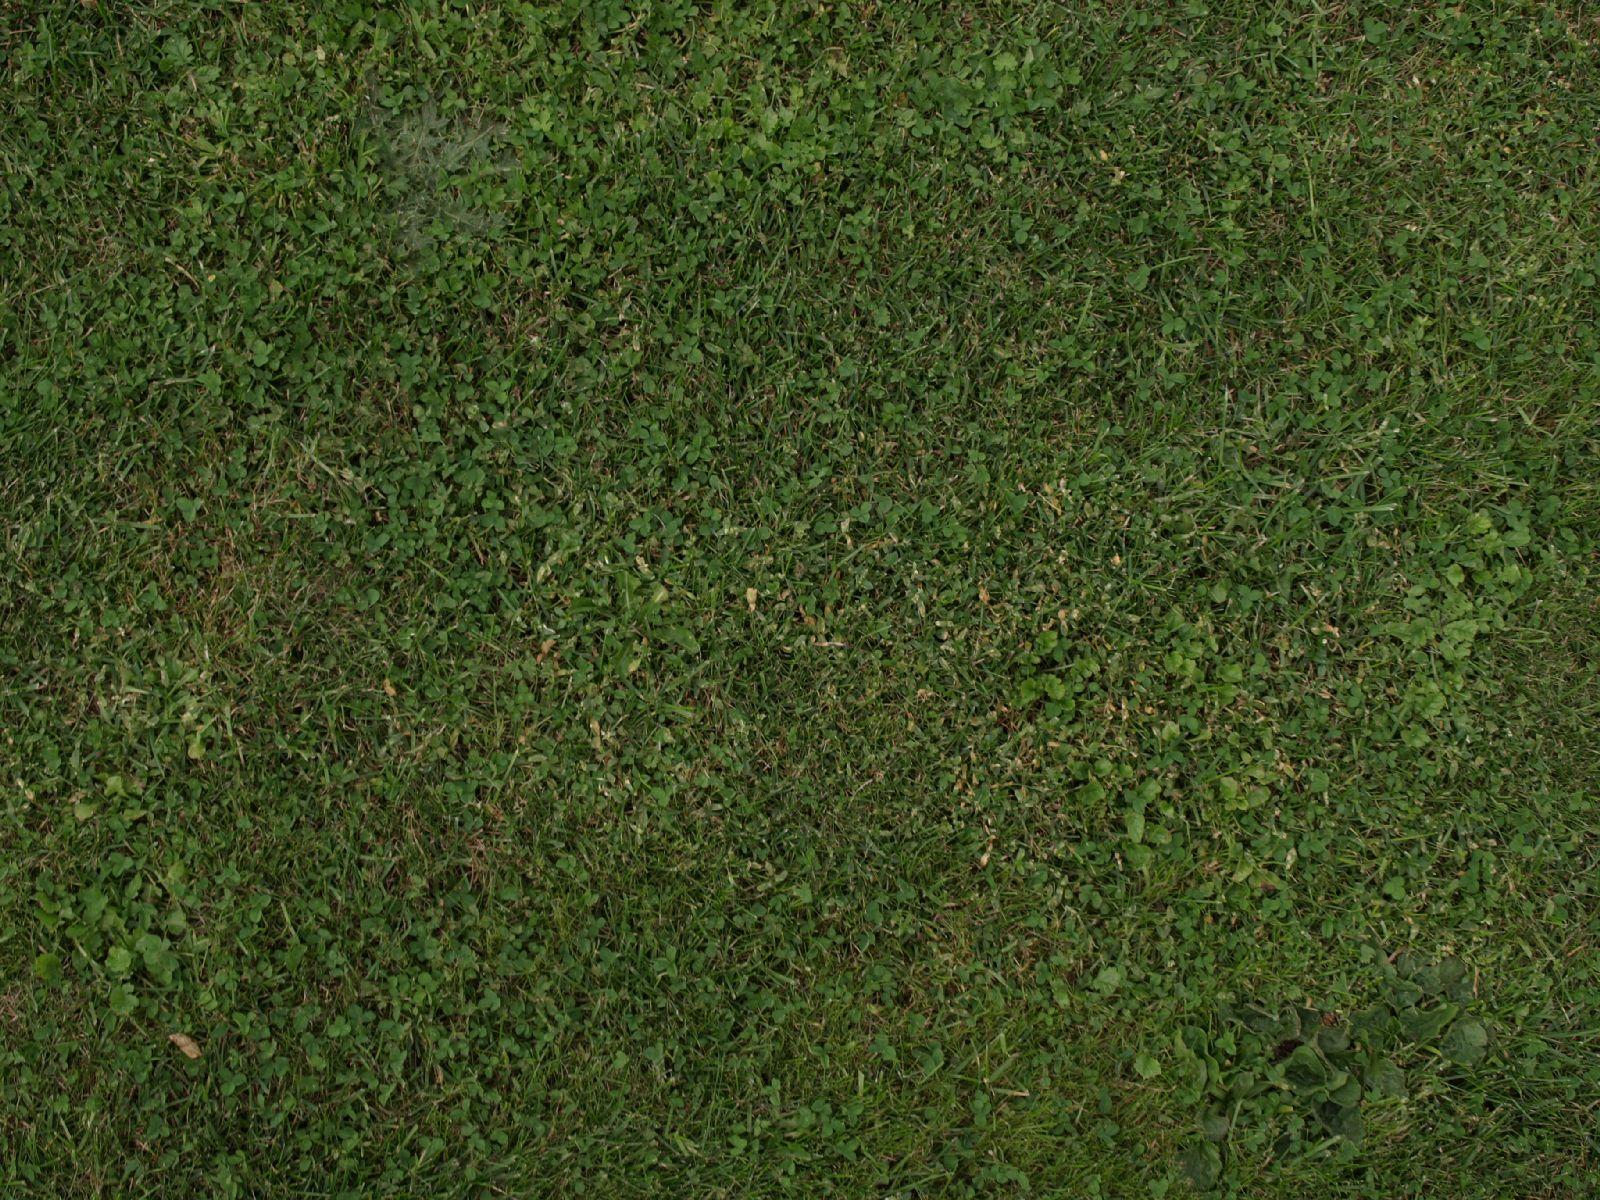 Boden-Gras-Moos-Blumen_Textur_A_P9195171